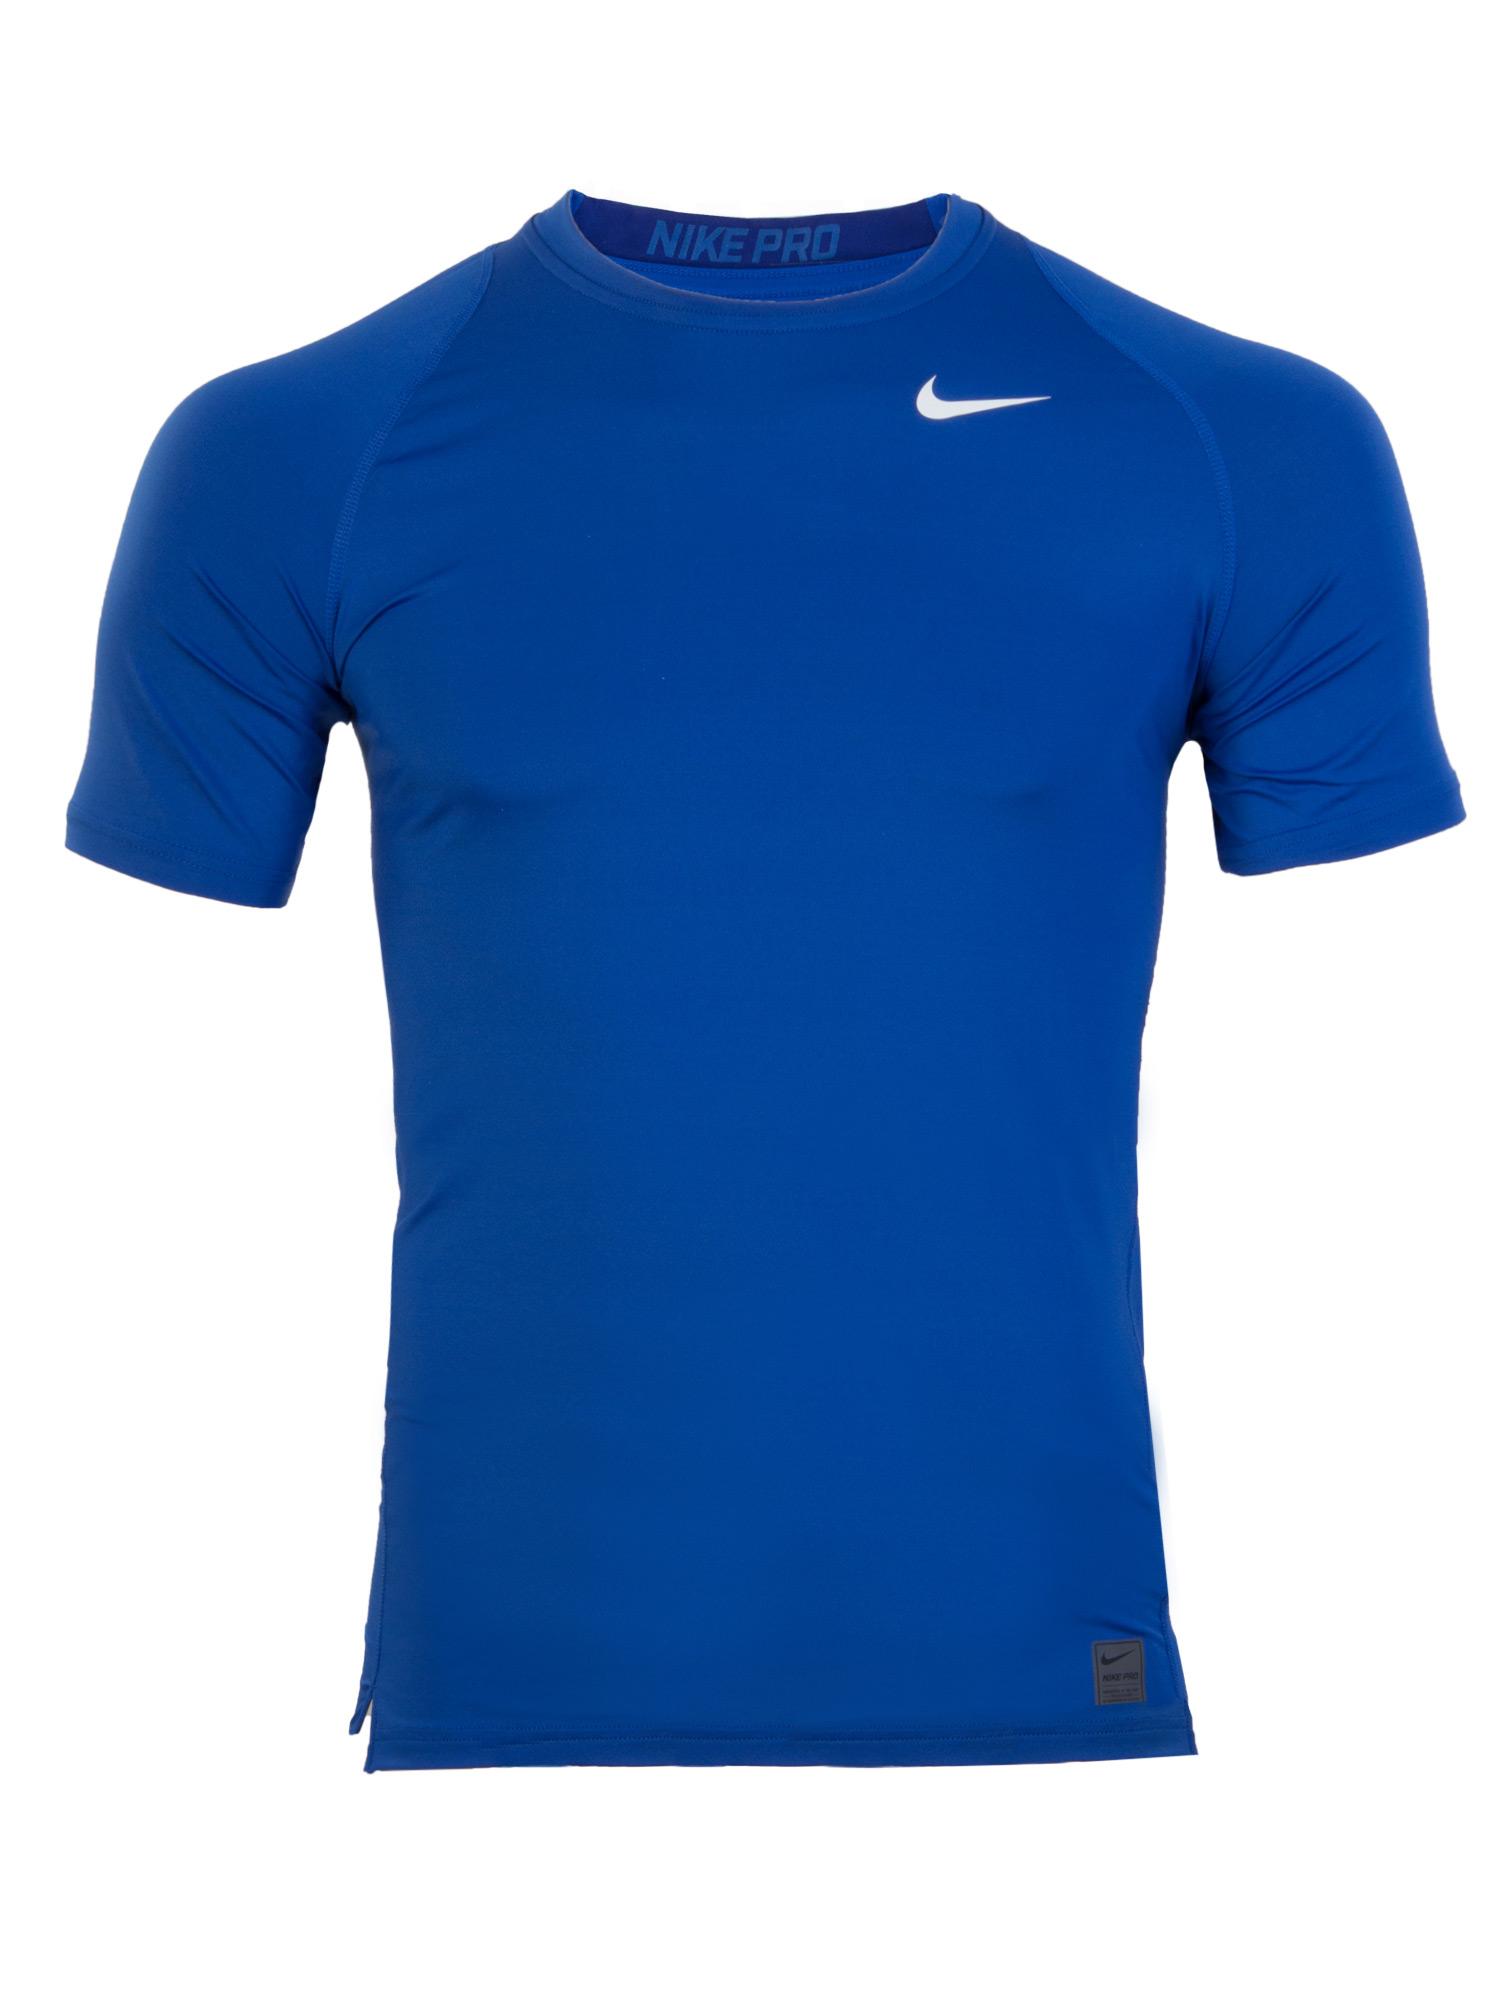 ca79ef8a Футболка мужская Nike Pro Cool компрессионная - Сеть спортивных ...